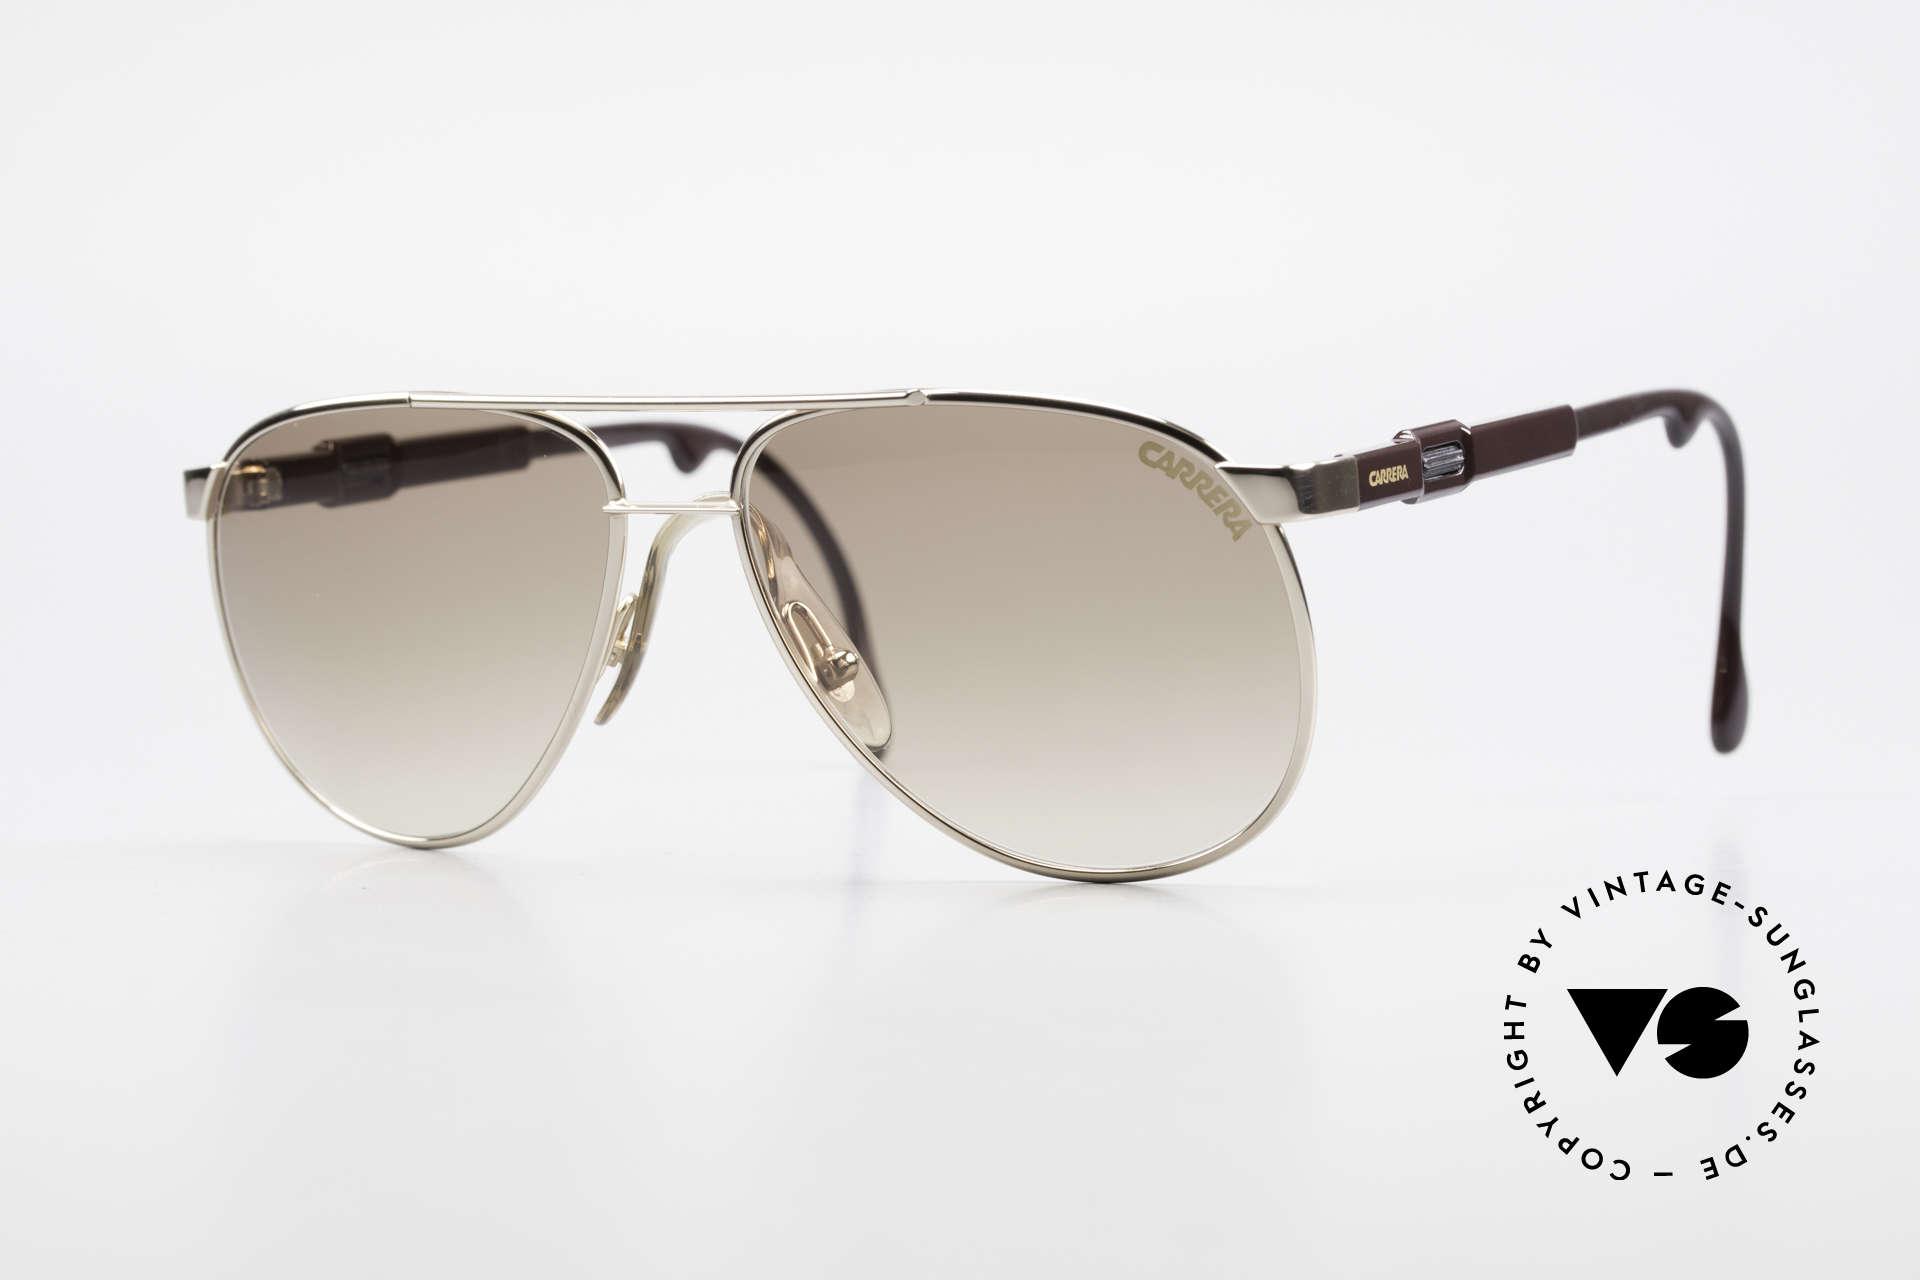 Carrera 5348 80er Vario Sport Sonnenbrille, brilliantes 80er Jahre Carrera Design, Gr. 56°15, Passend für Herren und Damen